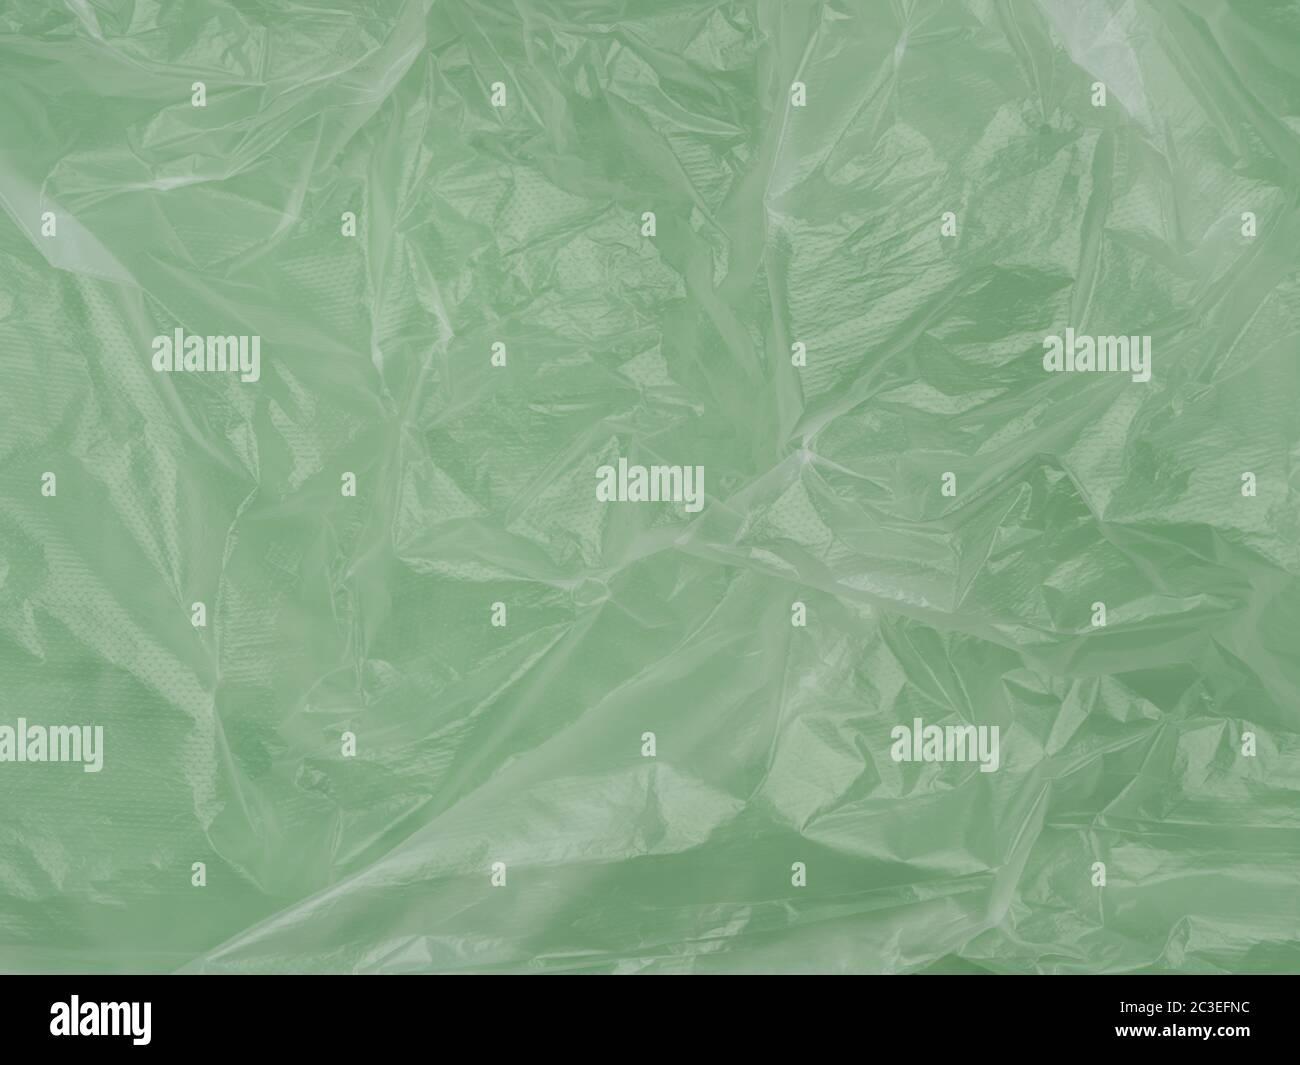 La texture du film de cellophane froissé. Résumé de l'image. Vue du dessus. Toile à huile frotte. Banque D'Images